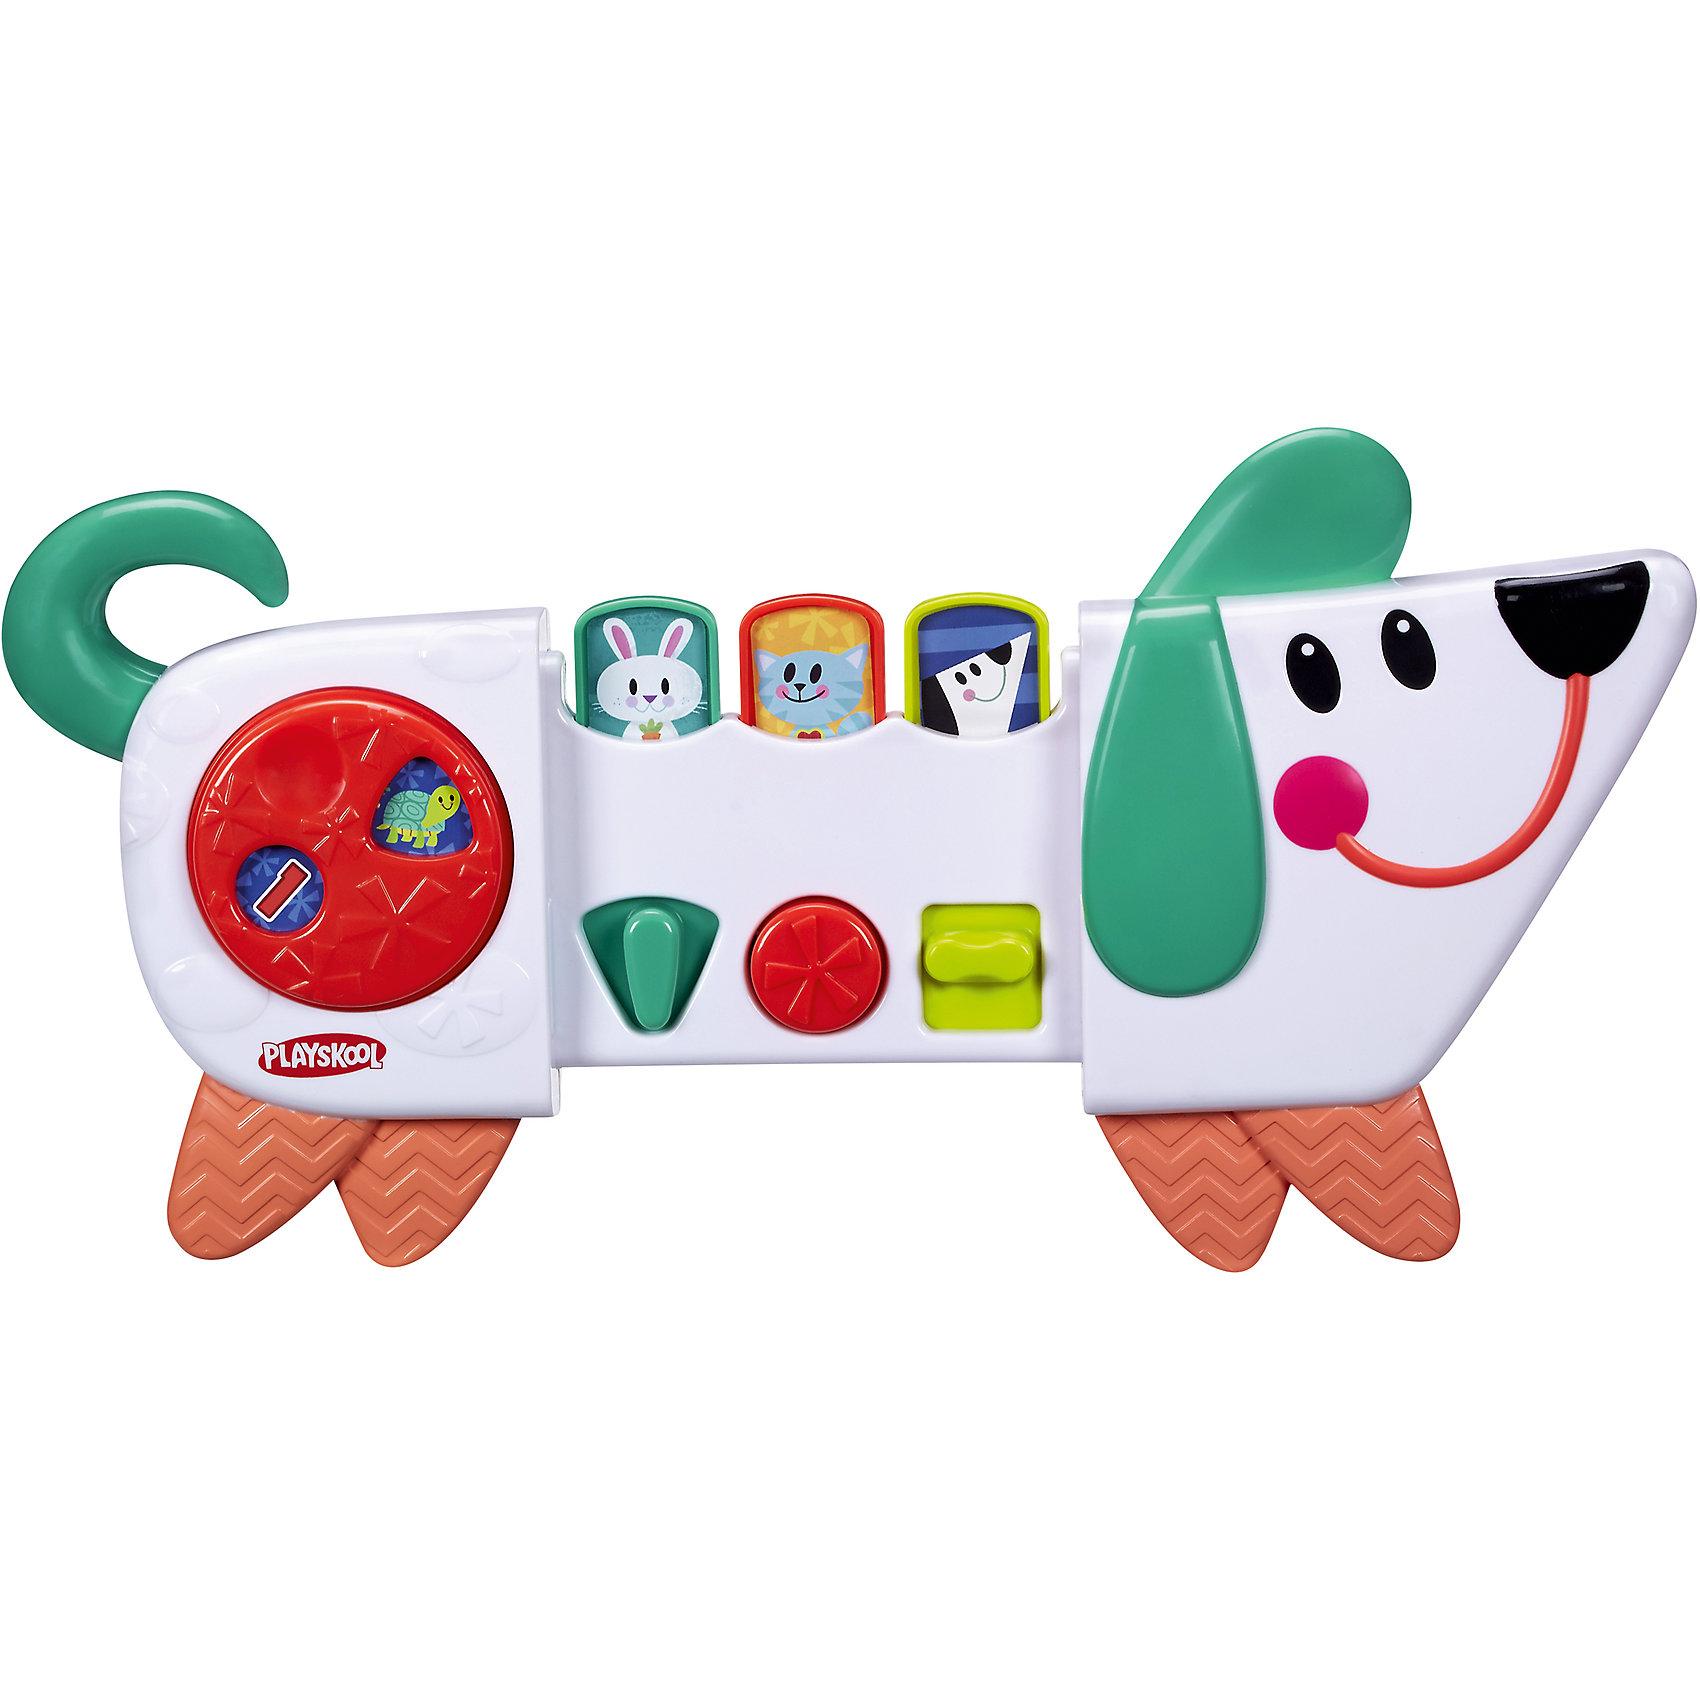 Веселый щенок возьми с собой, PLAYSKOOLУ веселого щенка есть три режима игры: переключай, нажимай и раздвигай. Игра со щенком развивает мелкую моторику, познавательные способности и понимание причинно-следственных связей. Со щенком можно весело играть в прятки. В комплекте есть универсальный ремень, которым игрушку можно прикрепить к коляскам, автокреслам, тележкам для шоппинга. 9М+<br><br>Ширина мм: 60<br>Глубина мм: 330<br>Высота мм: 60<br>Вес г: 544<br>Возраст от месяцев: 9<br>Возраст до месяцев: 36<br>Пол: Унисекс<br>Возраст: Детский<br>SKU: 4661760